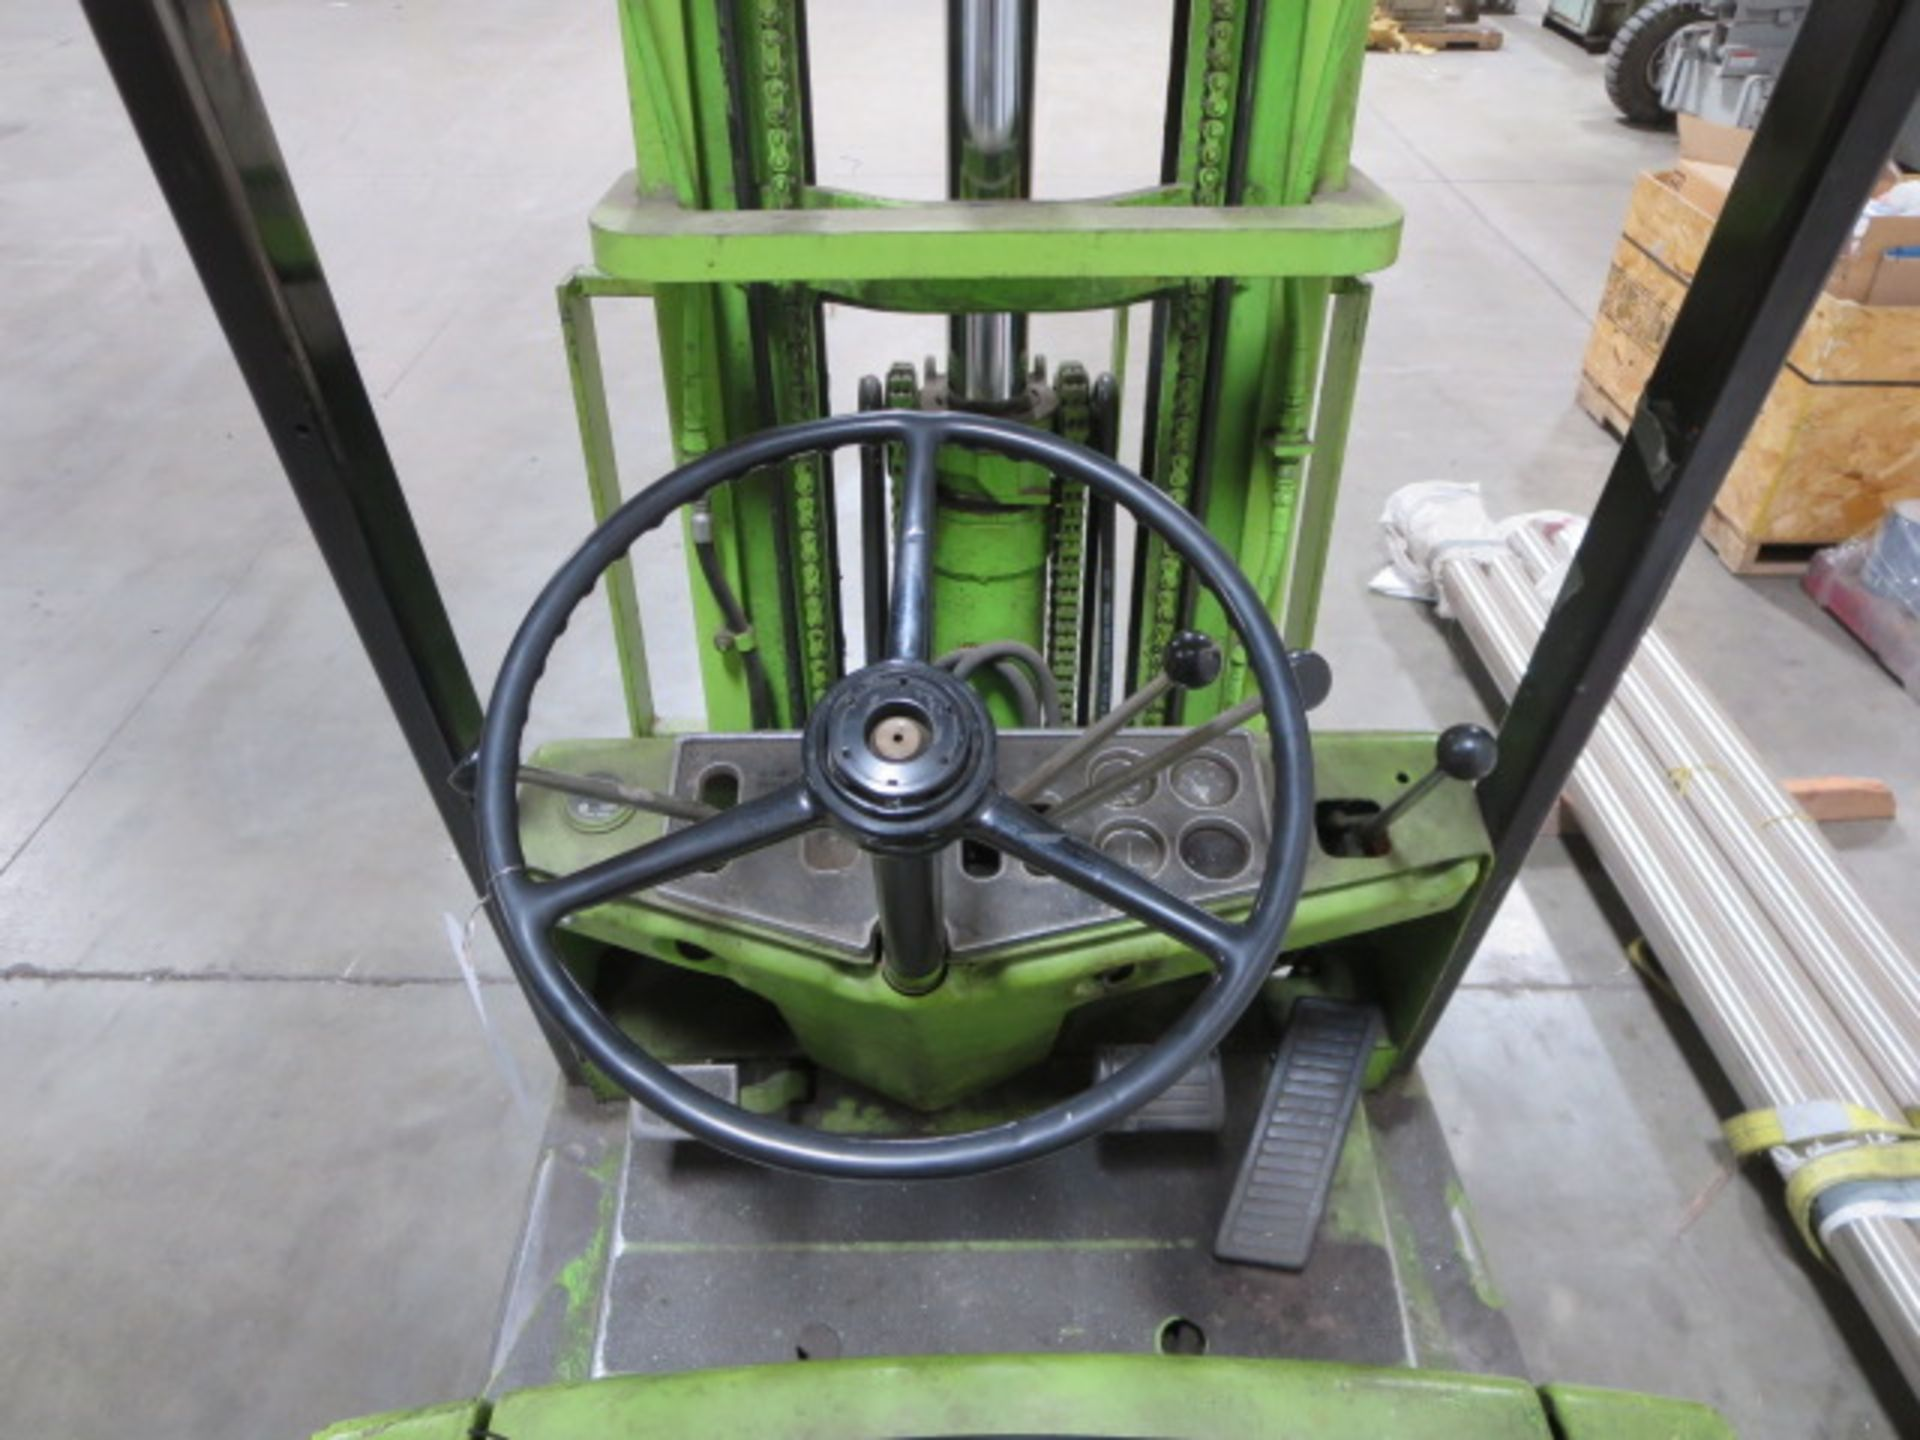 """Lot 611 - *DELAYED PICKUP* Clark LP Forklift, Orops, 3 Stage Mast, Side Shift, 3392HOS, 41""""L x 4""""W Forks,"""